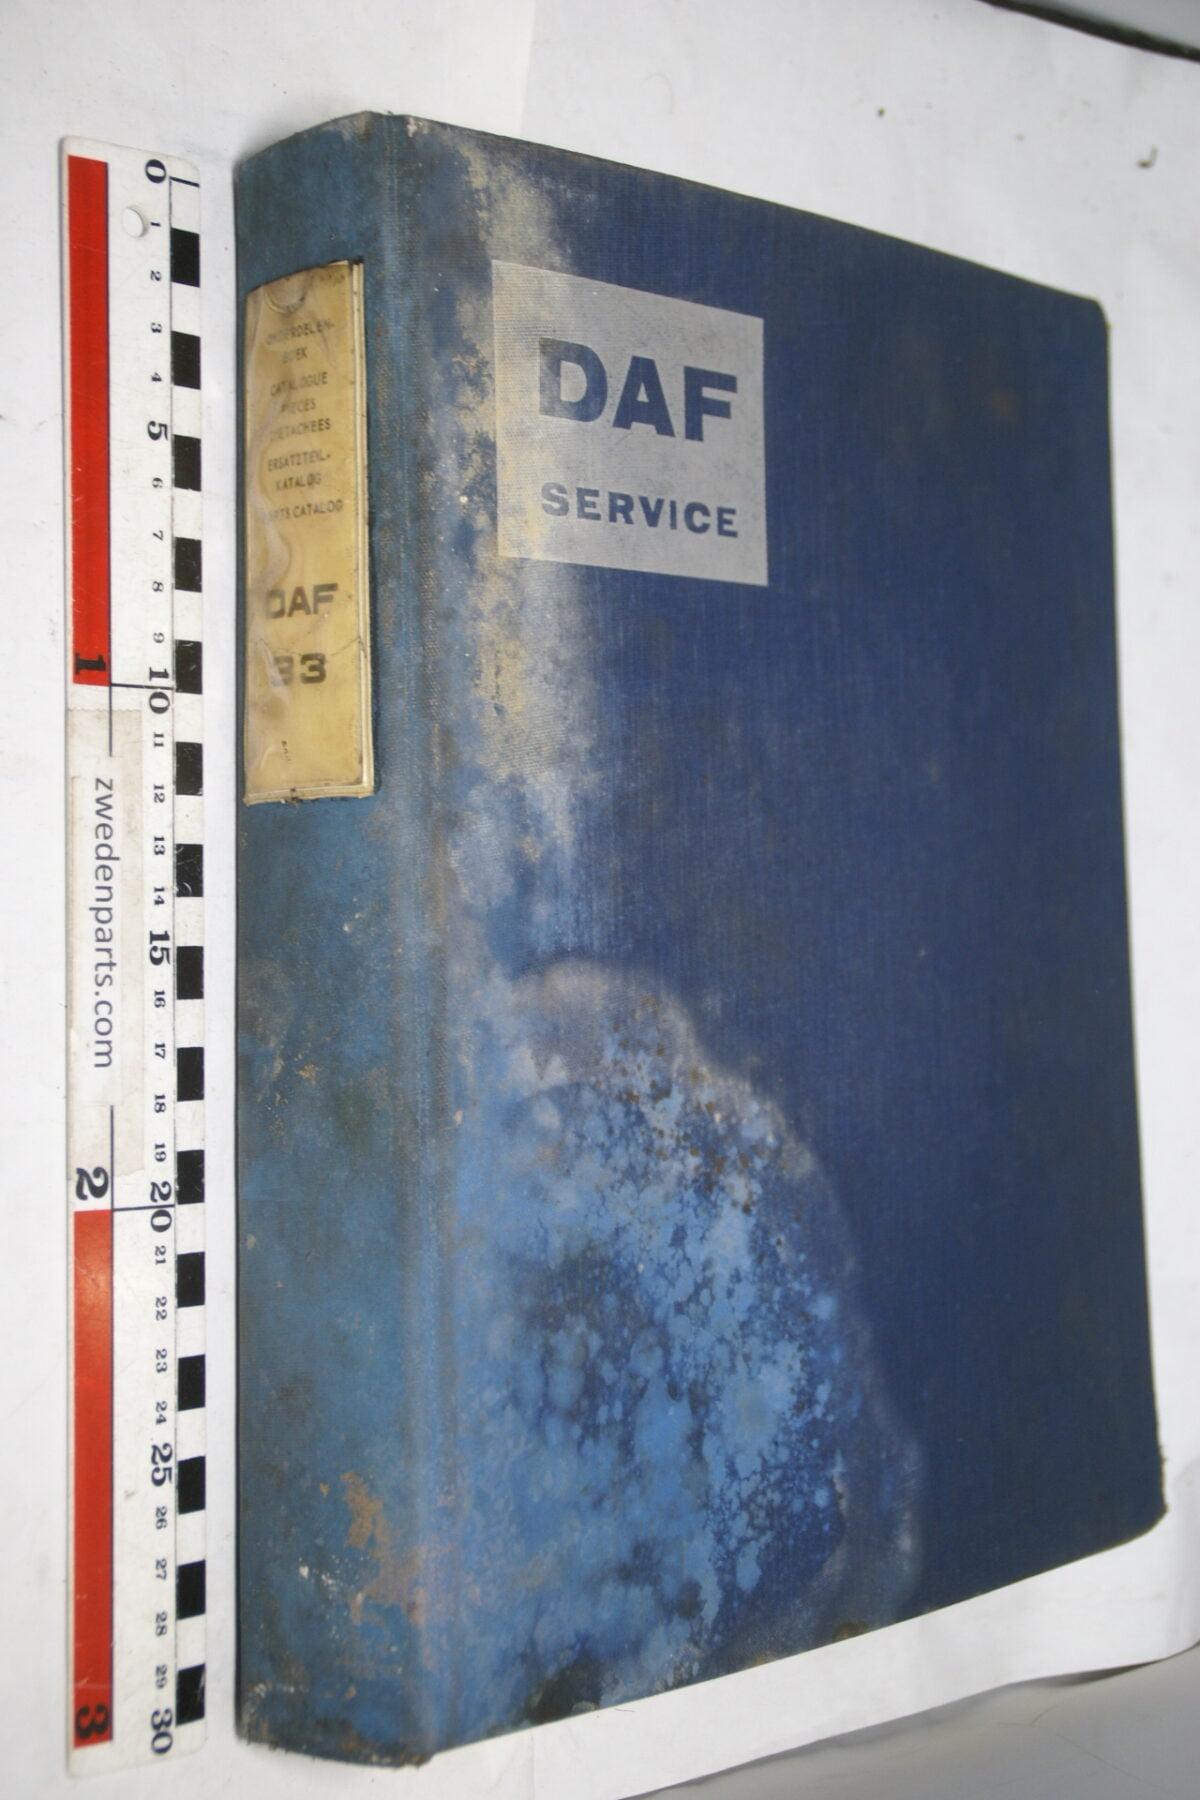 DSC01581 origineel DAF 33 onderdelenboek-78ebeb0a